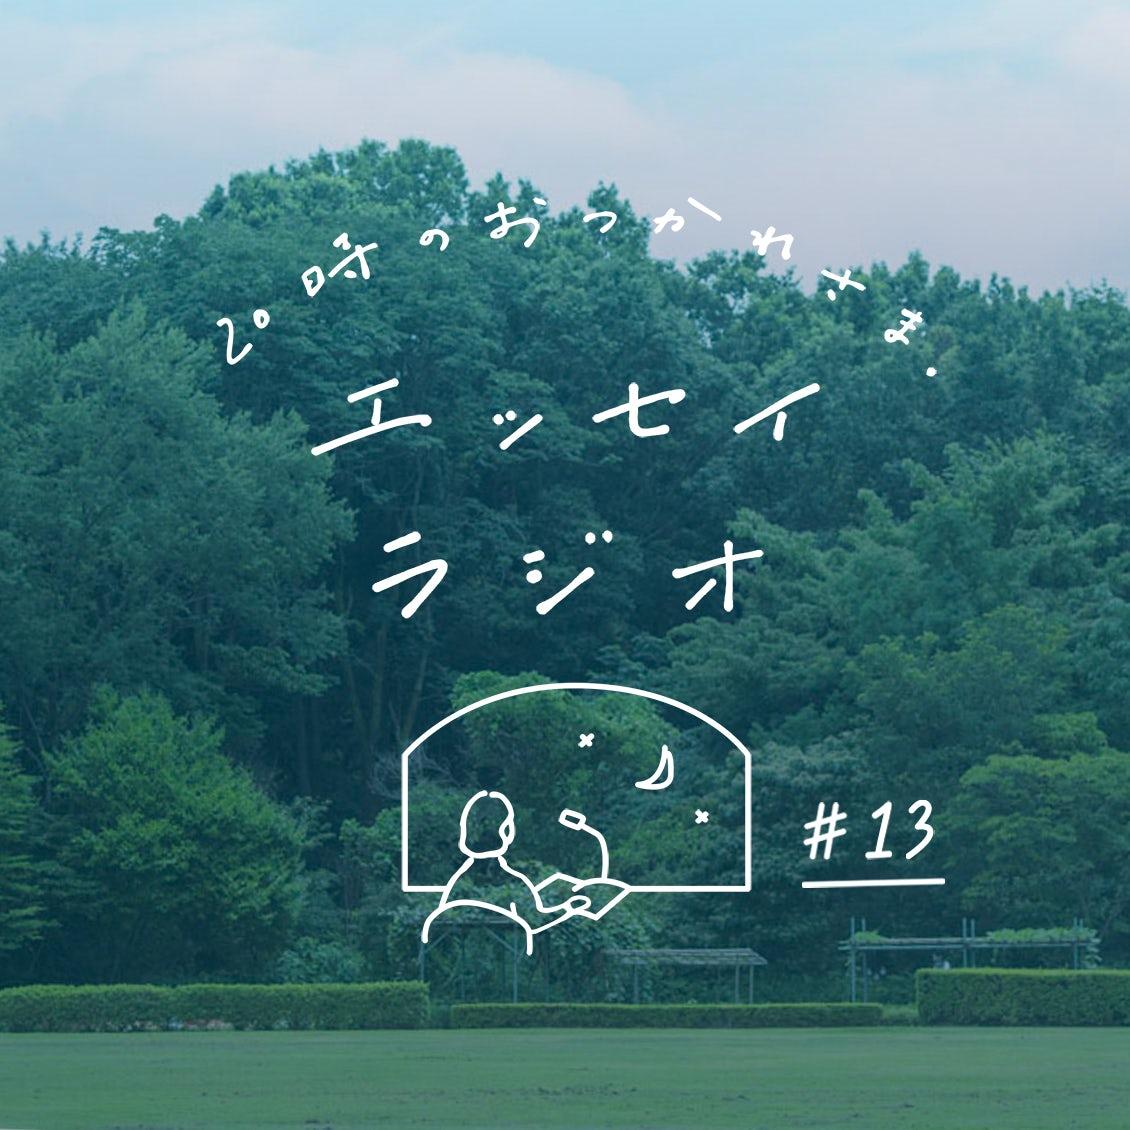 【エッセイラジオ】第13夜:秀島 史香さんのエッセイ「悩むのは良いサイン」(読み手:スタッフ寿山)